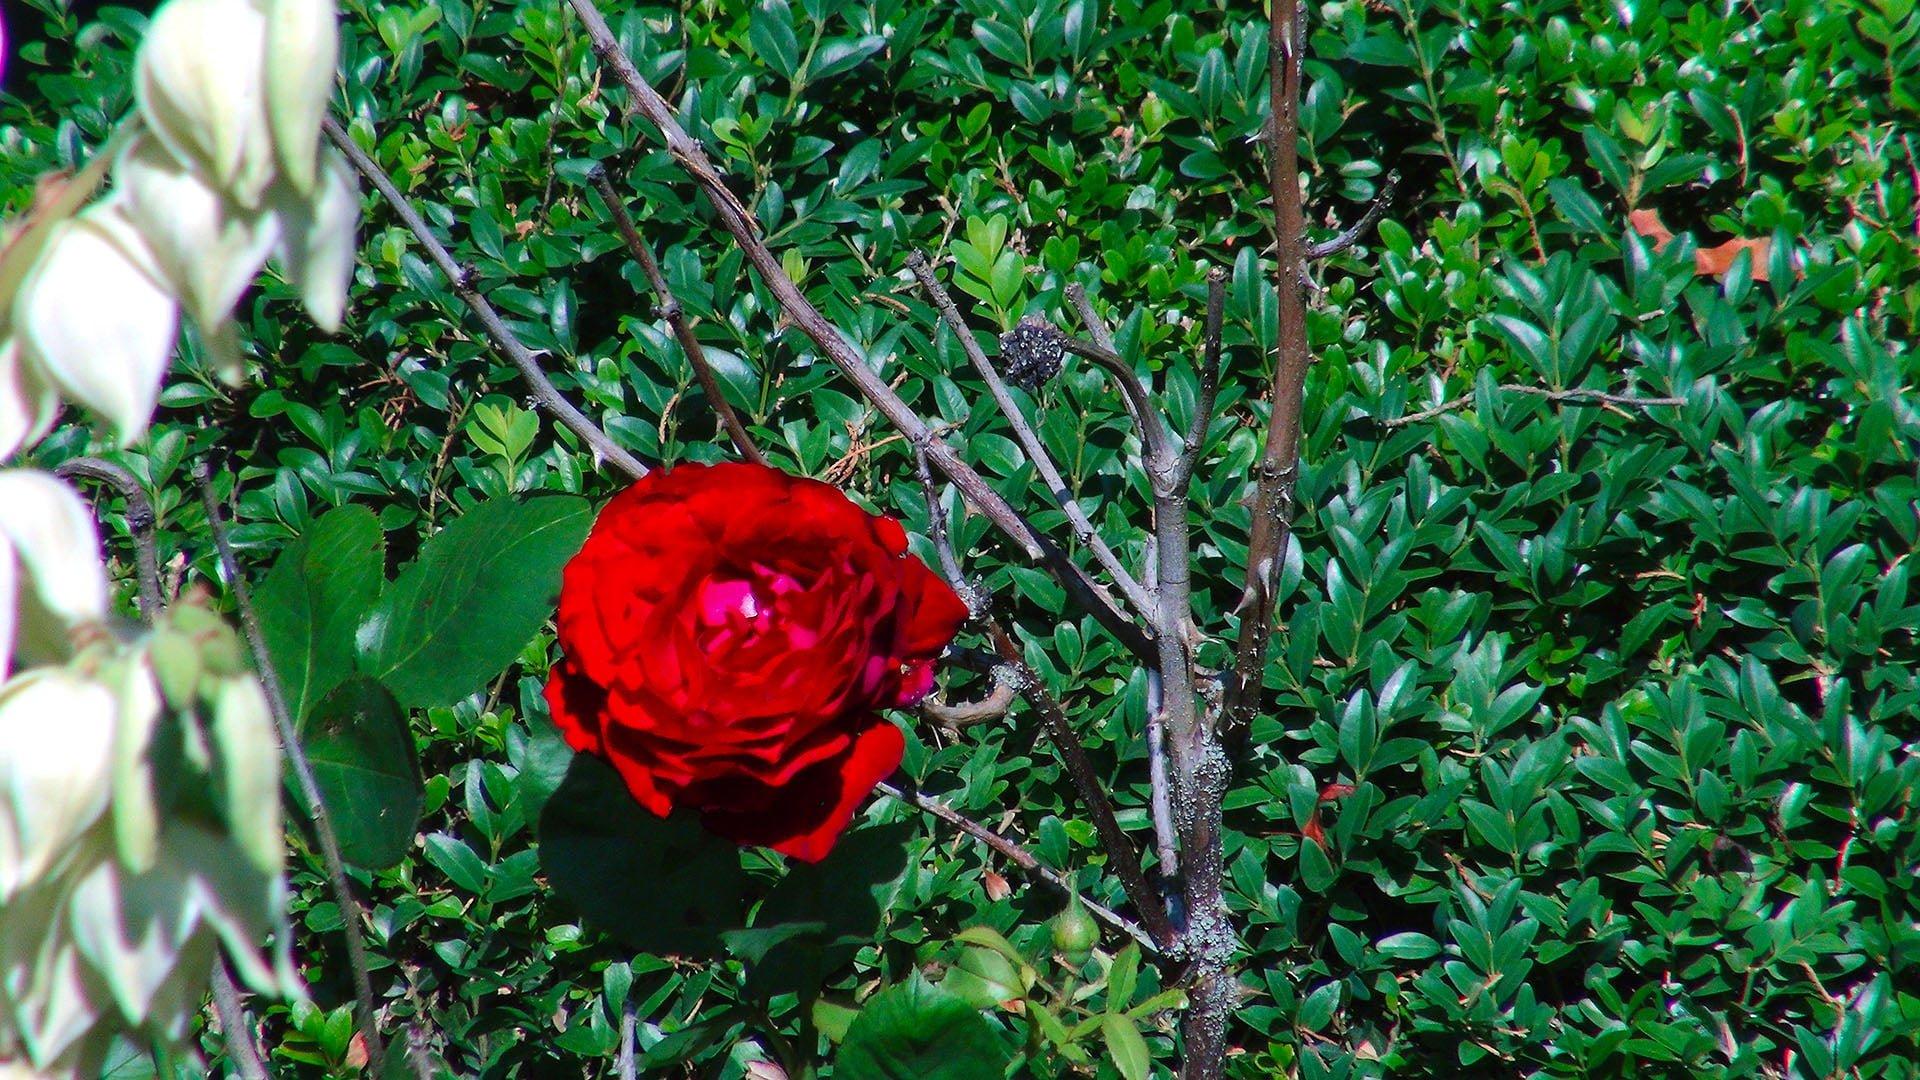 Valley View Farm Garden Roses